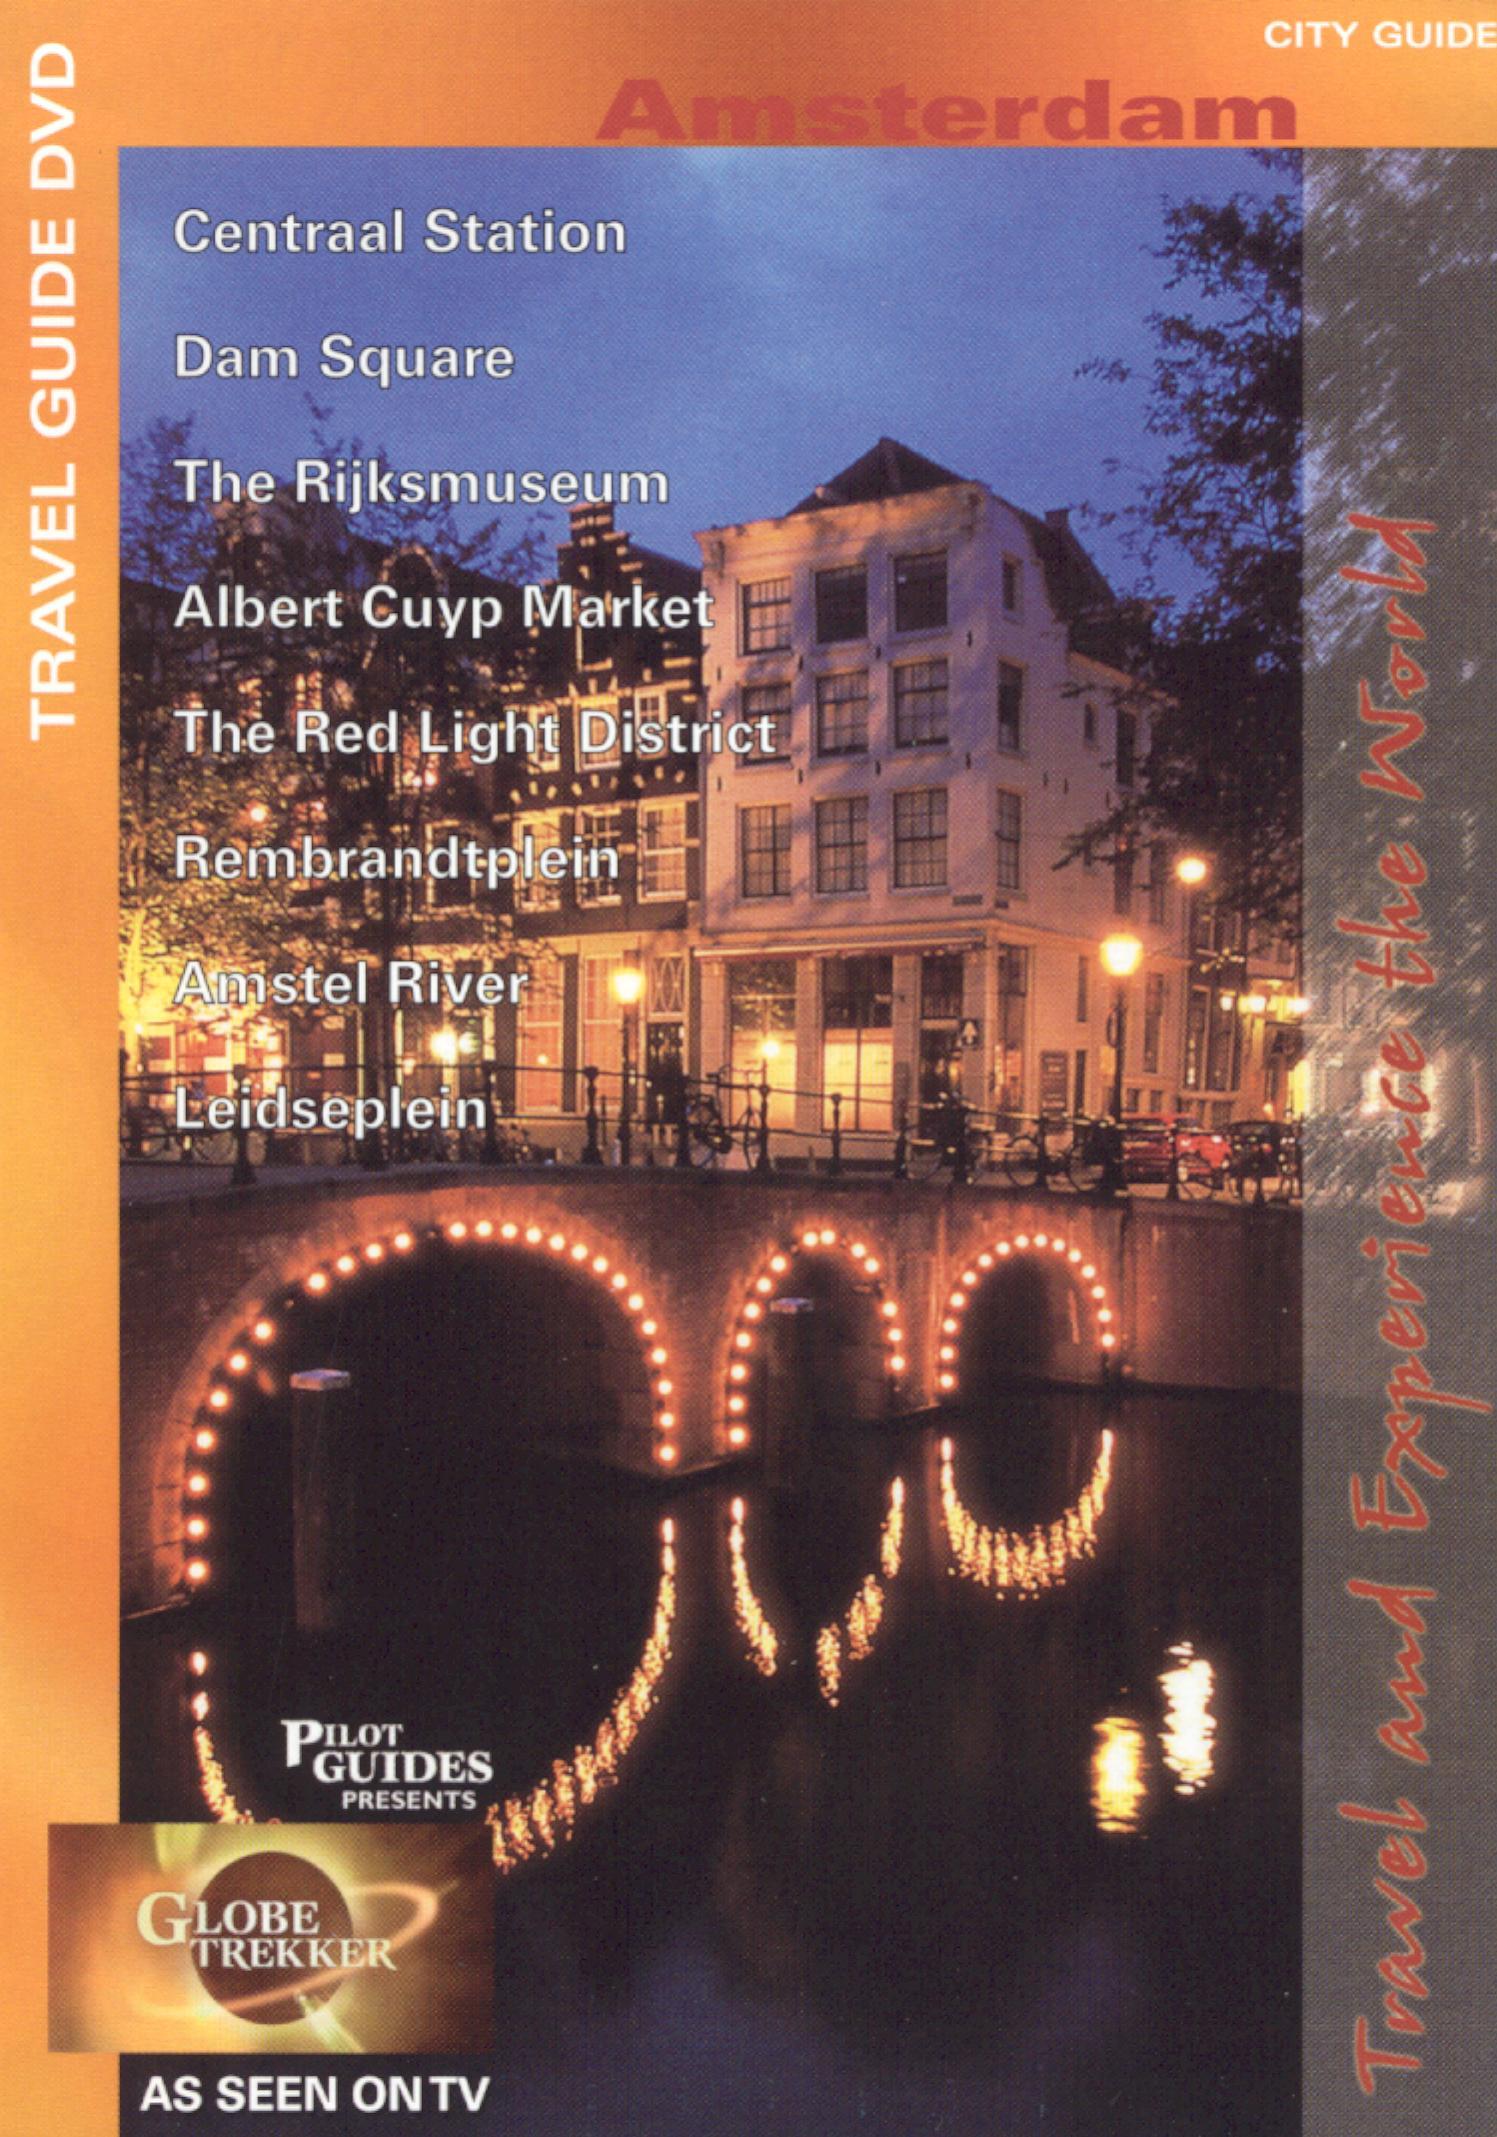 Globe Trekker: Amsterdam City Guide